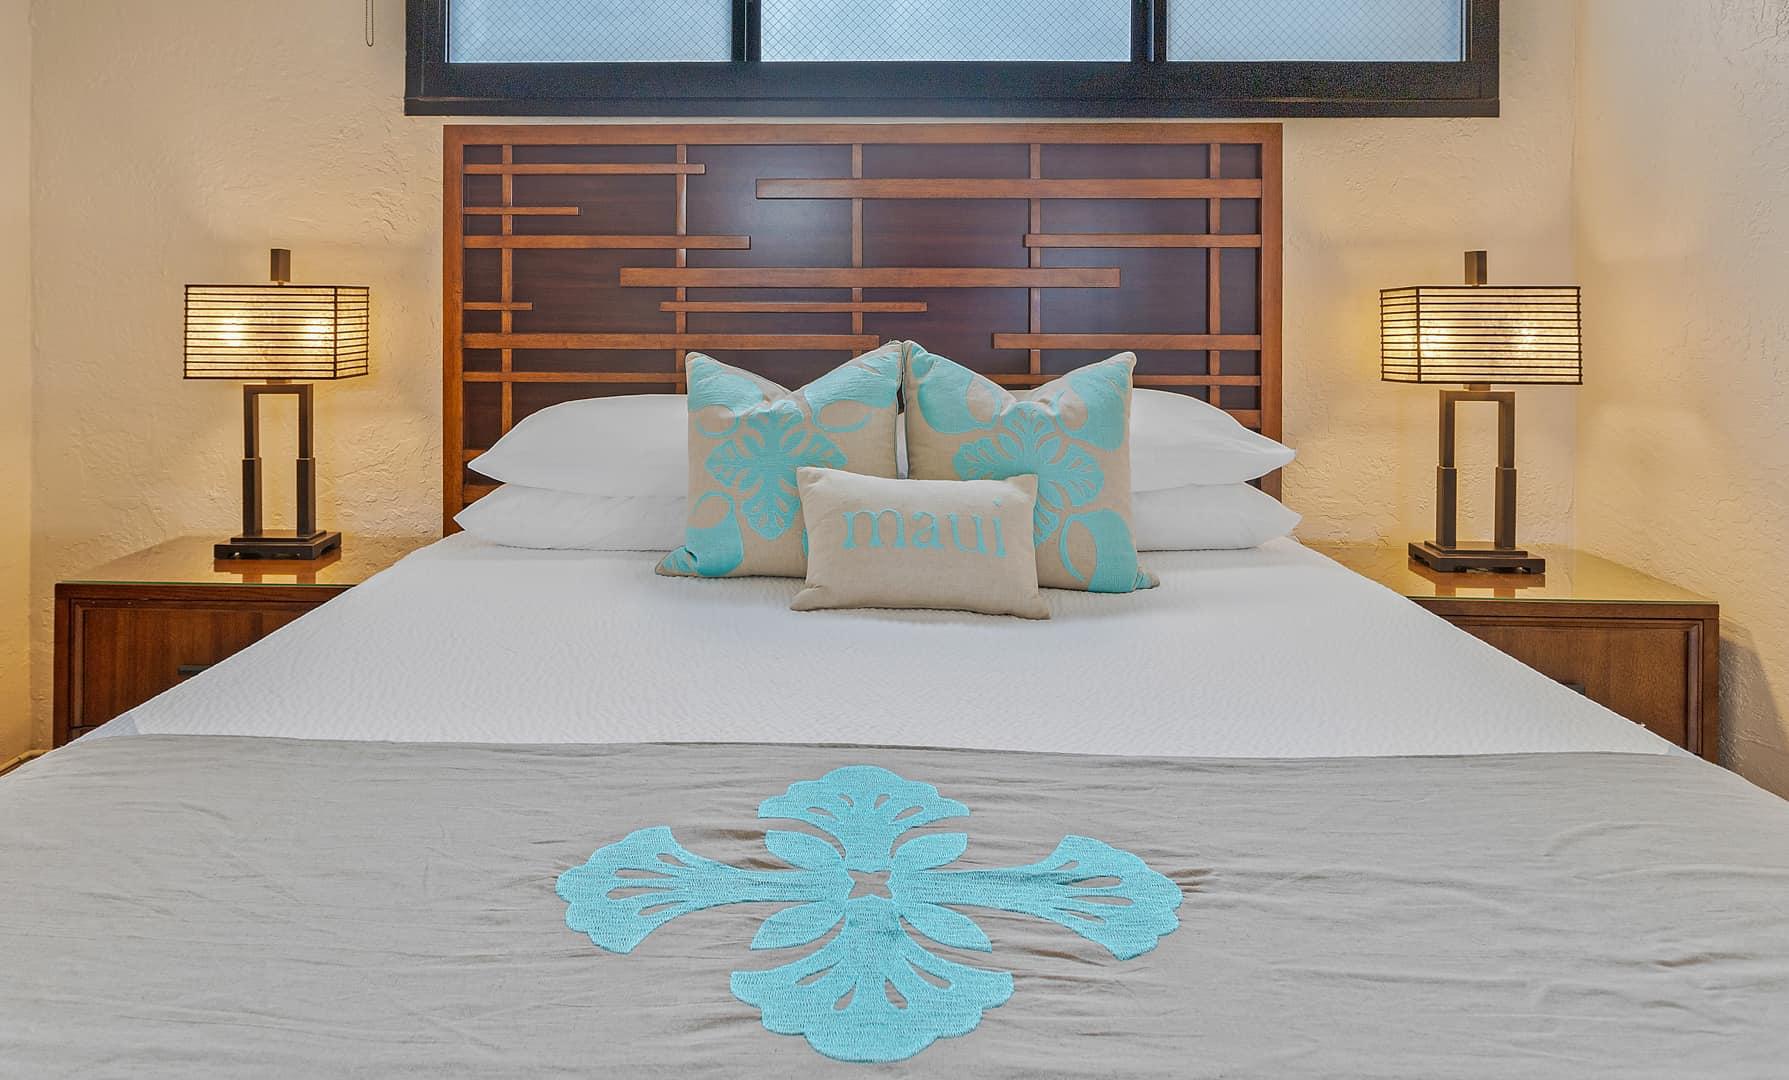 Hale Moana bed with Maka Sea bedding